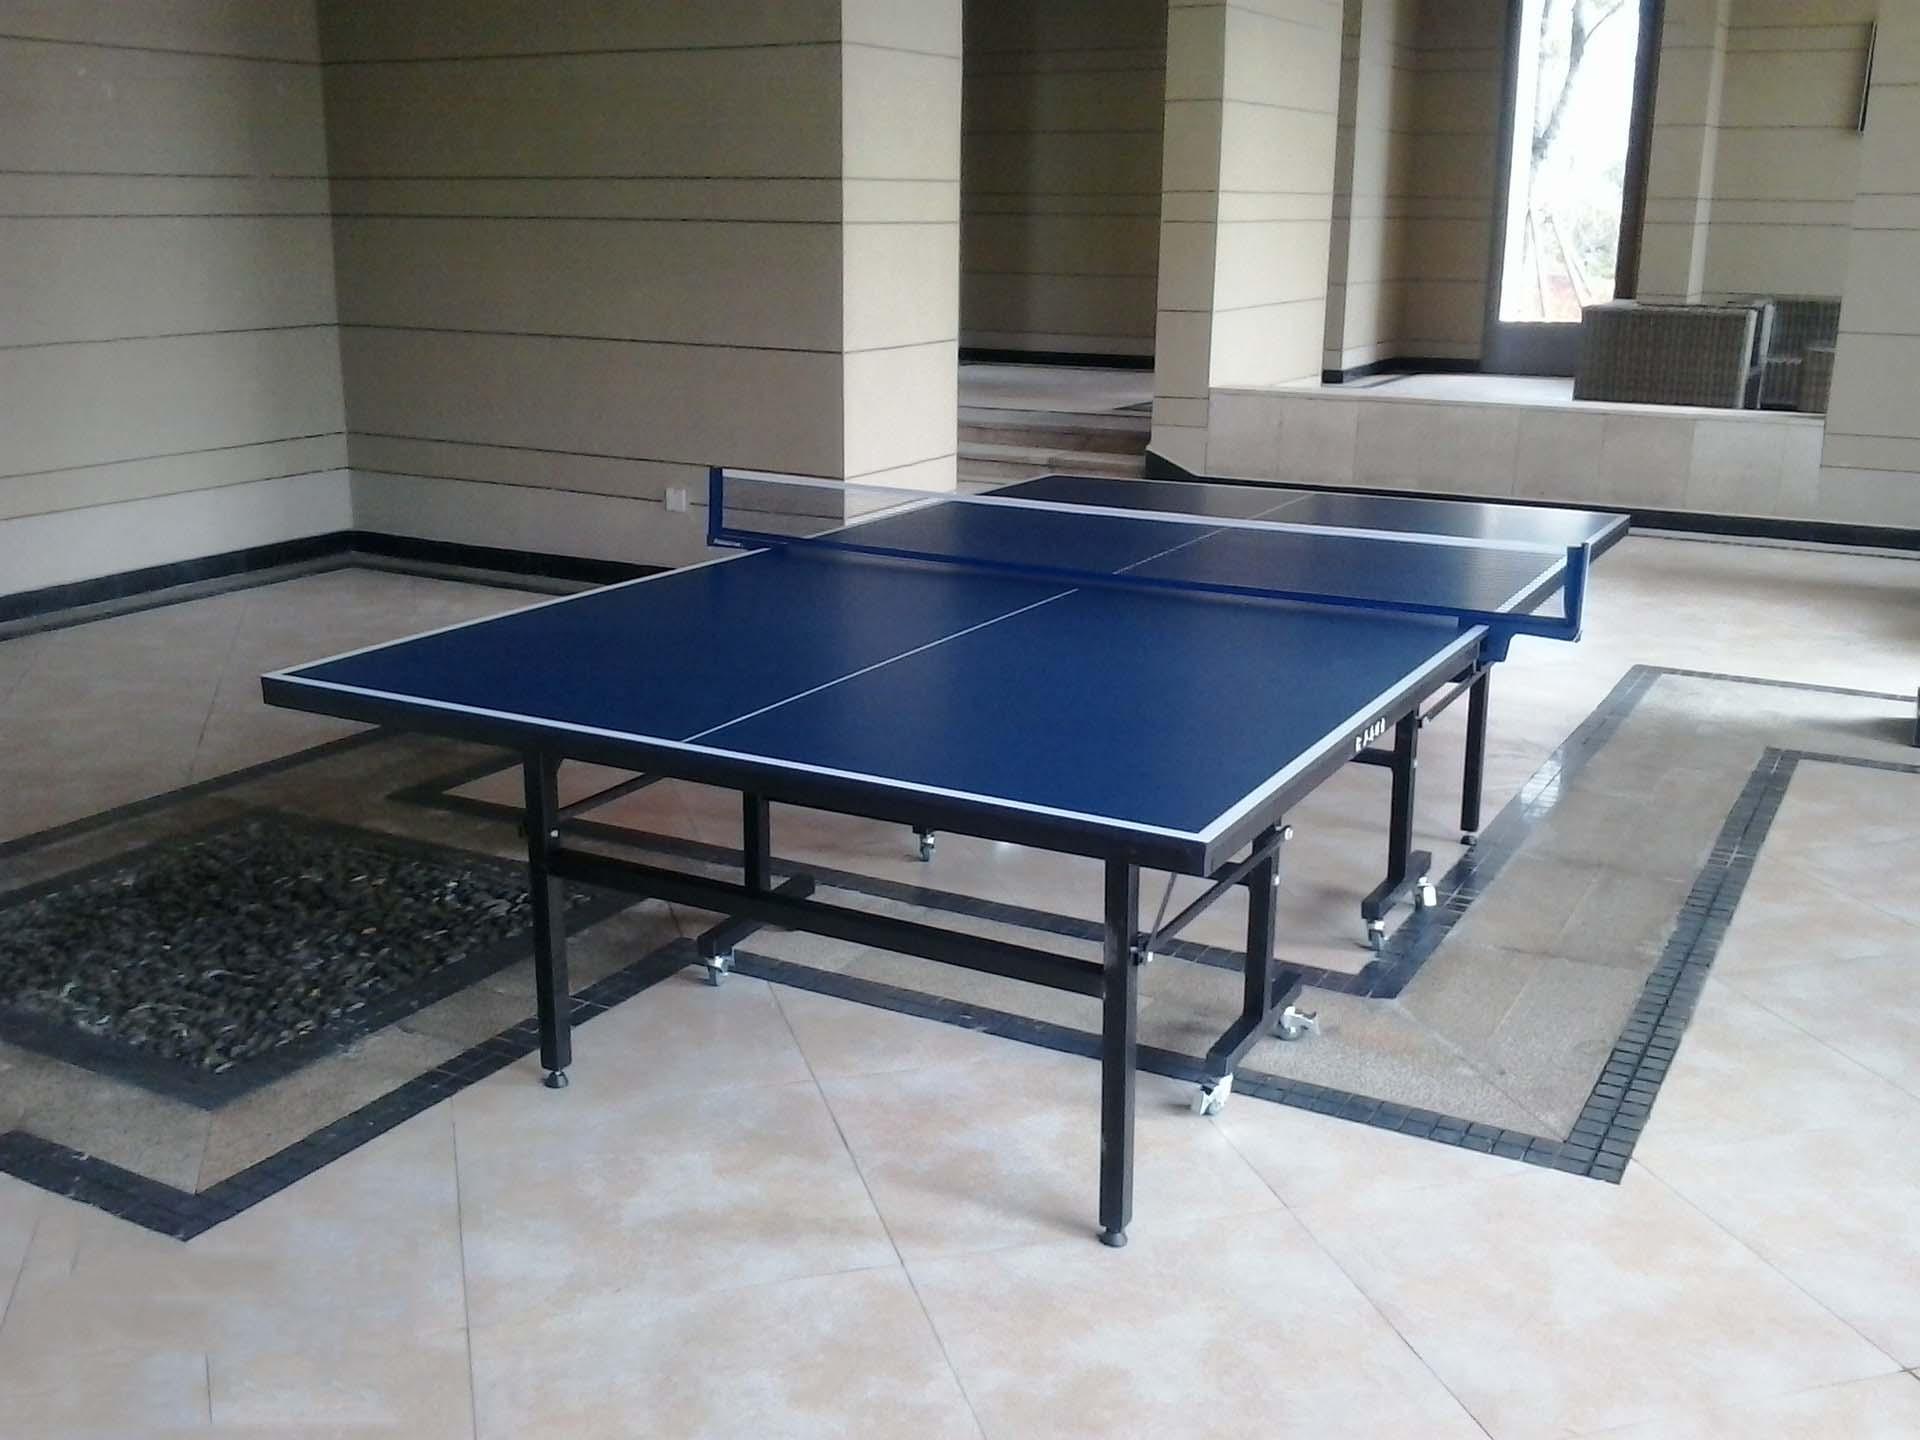 河北乒乓球台厂家室外球桌价格室内移动乒乓球桌选奥健体育